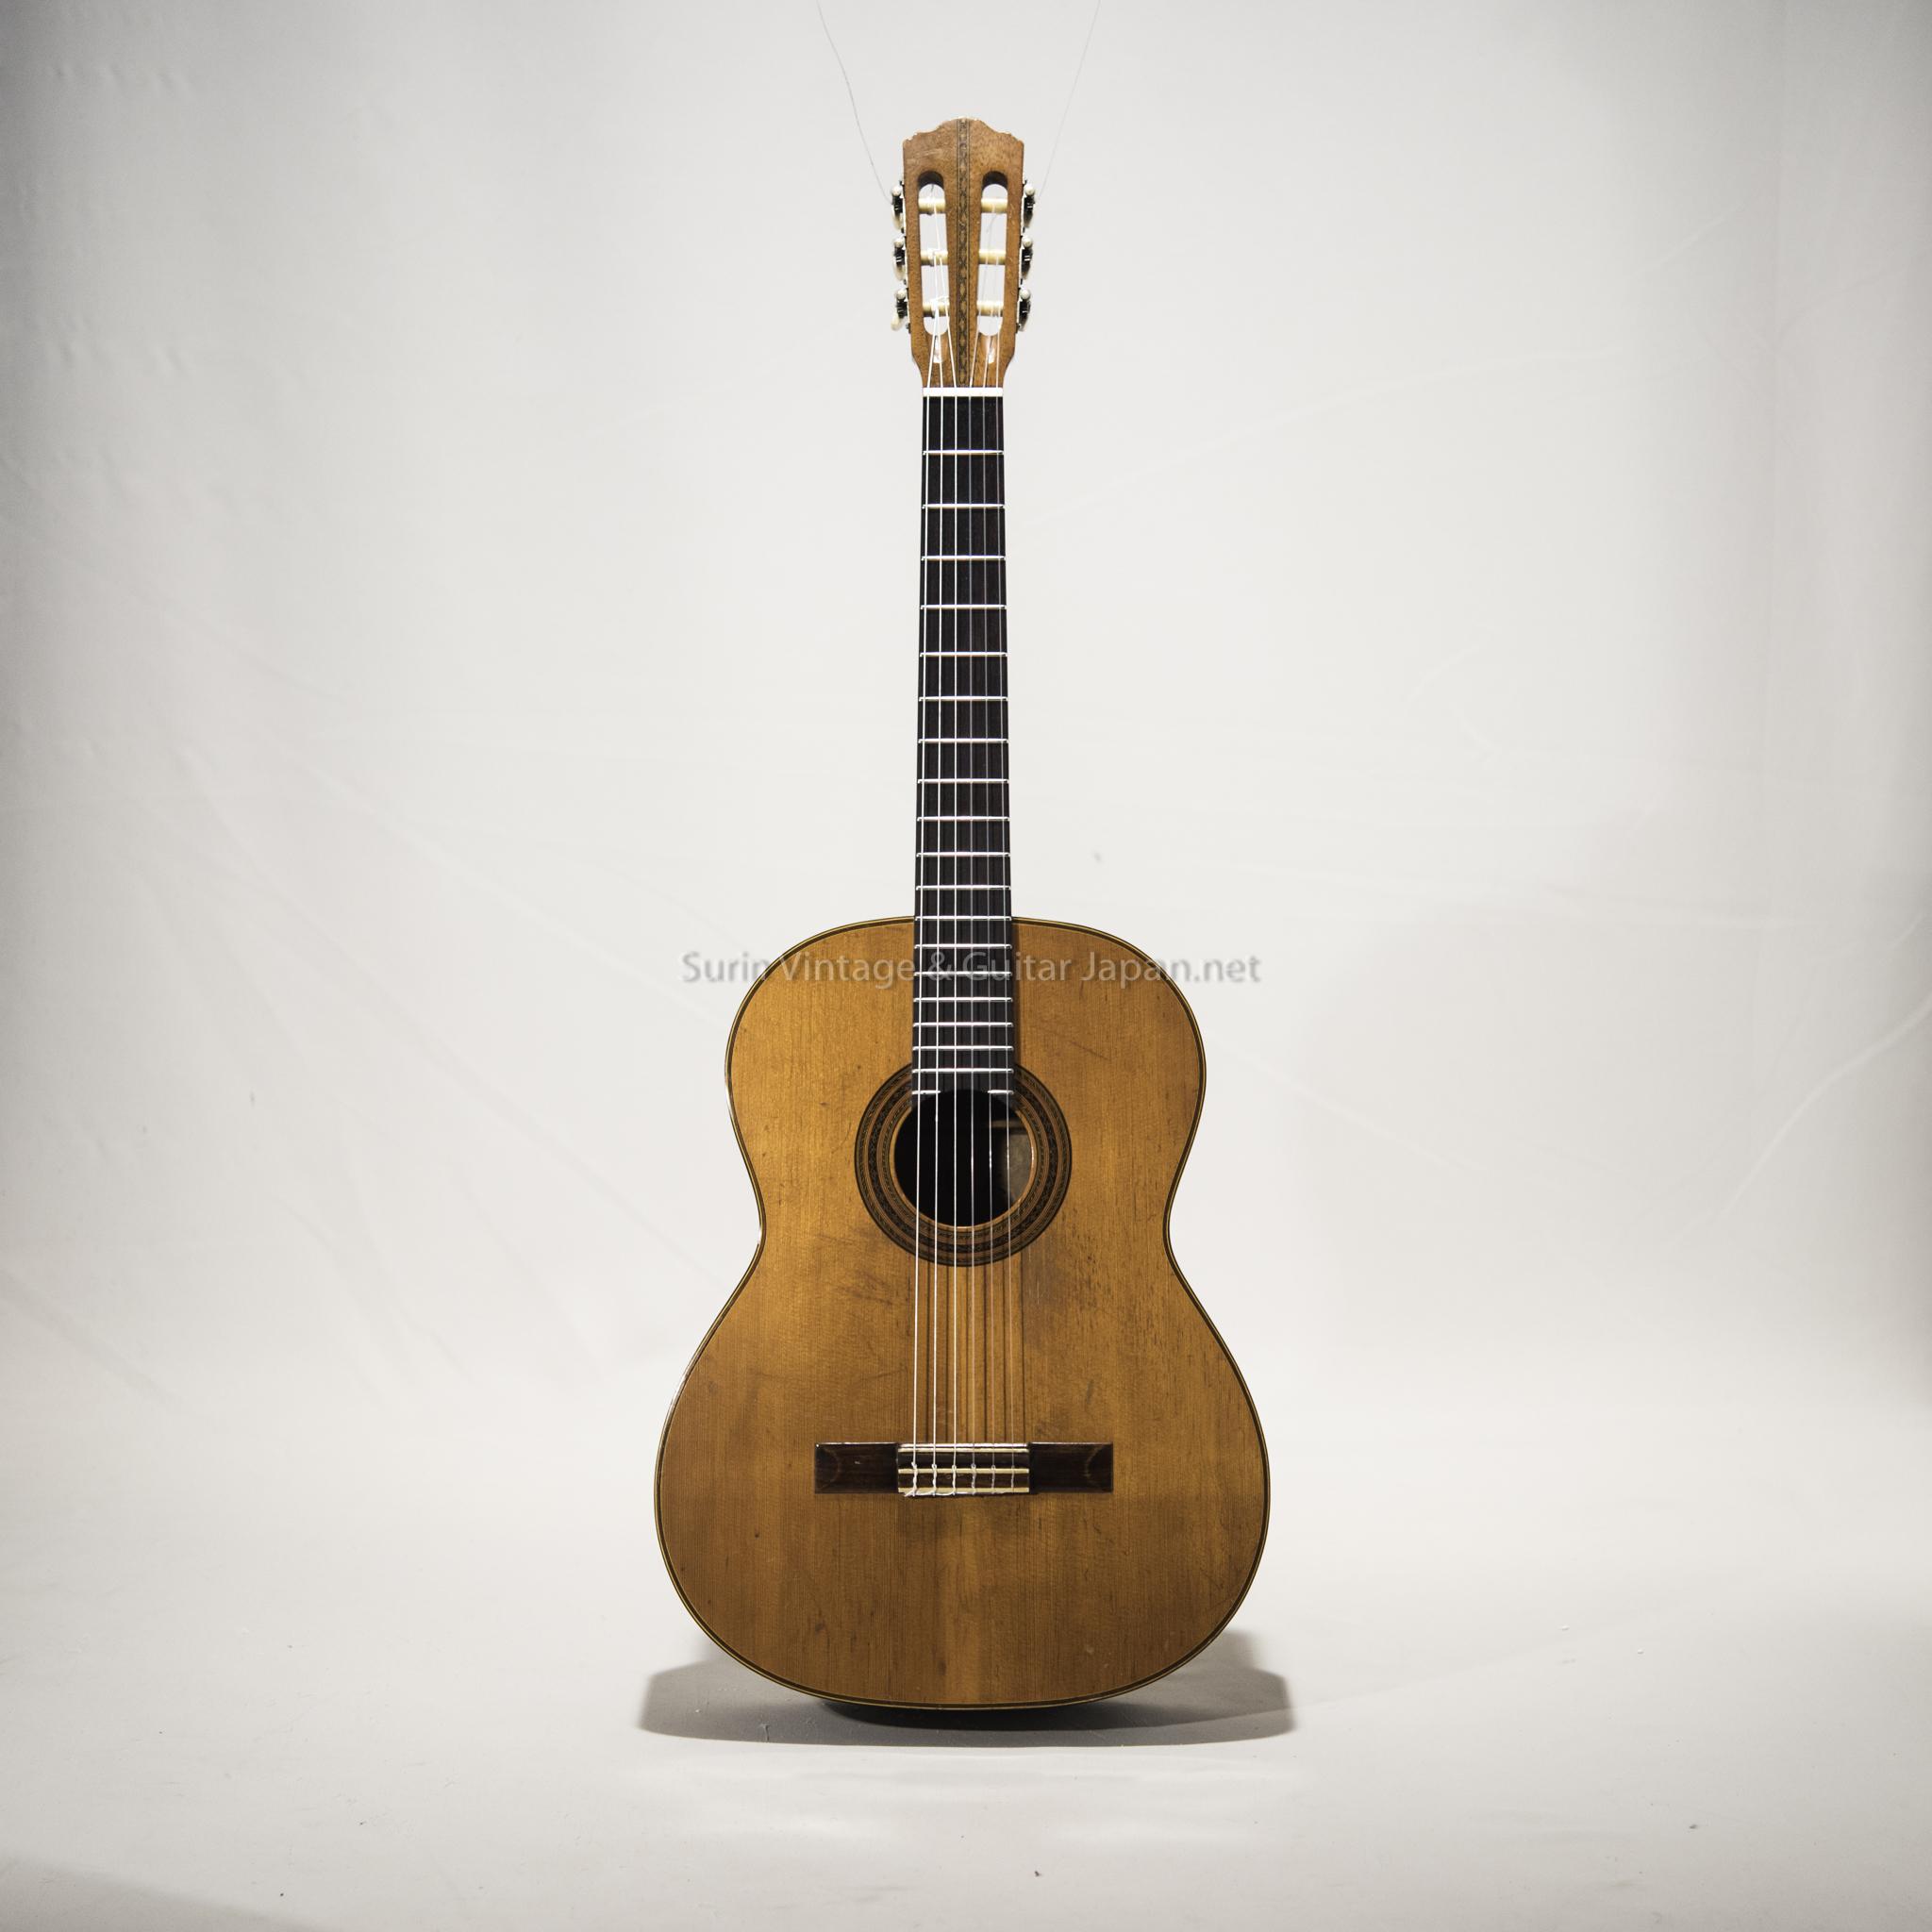 กีต้าร์คลาสสิคมือสอง Classic Guitar Vintage japan No.7